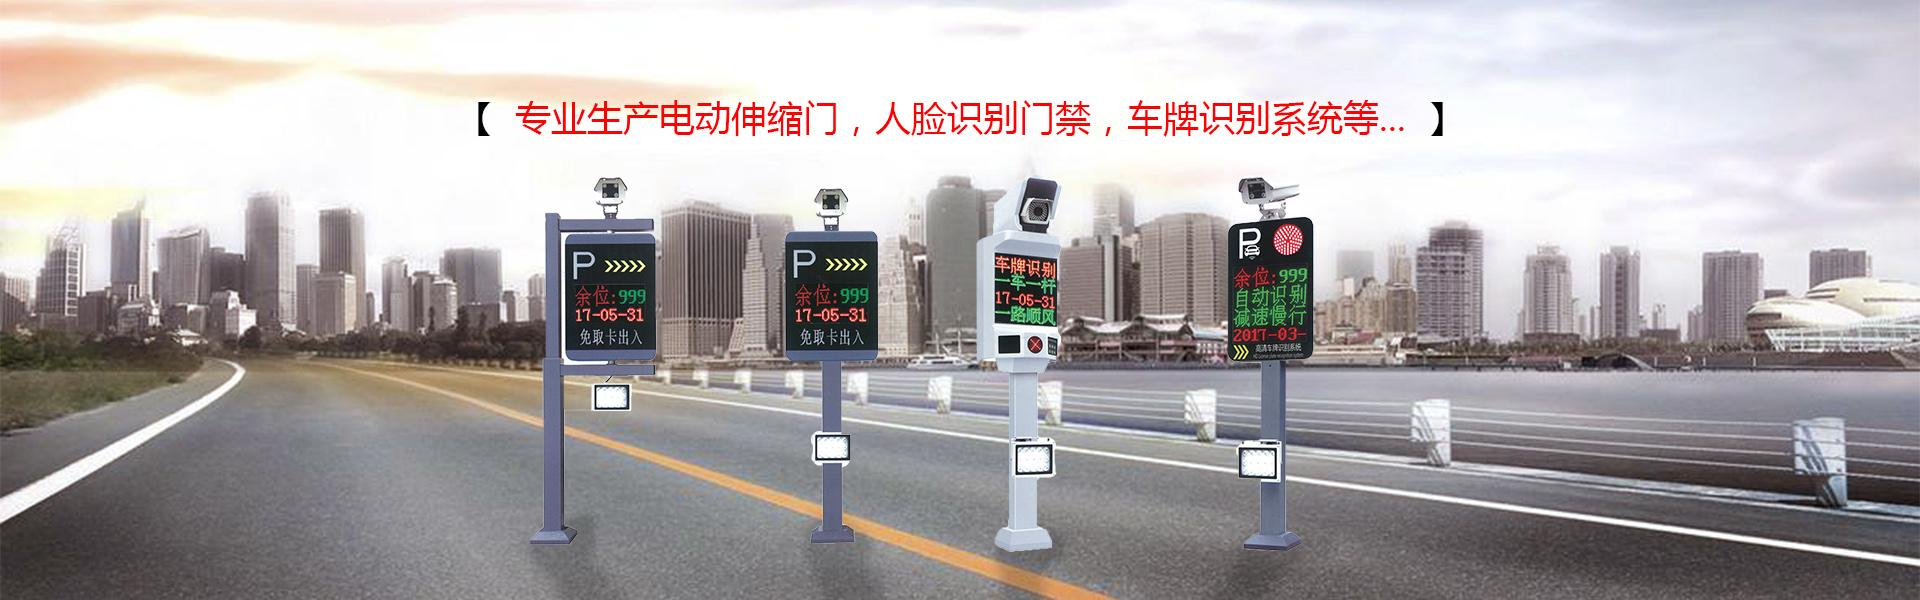 徐州车牌识别系统